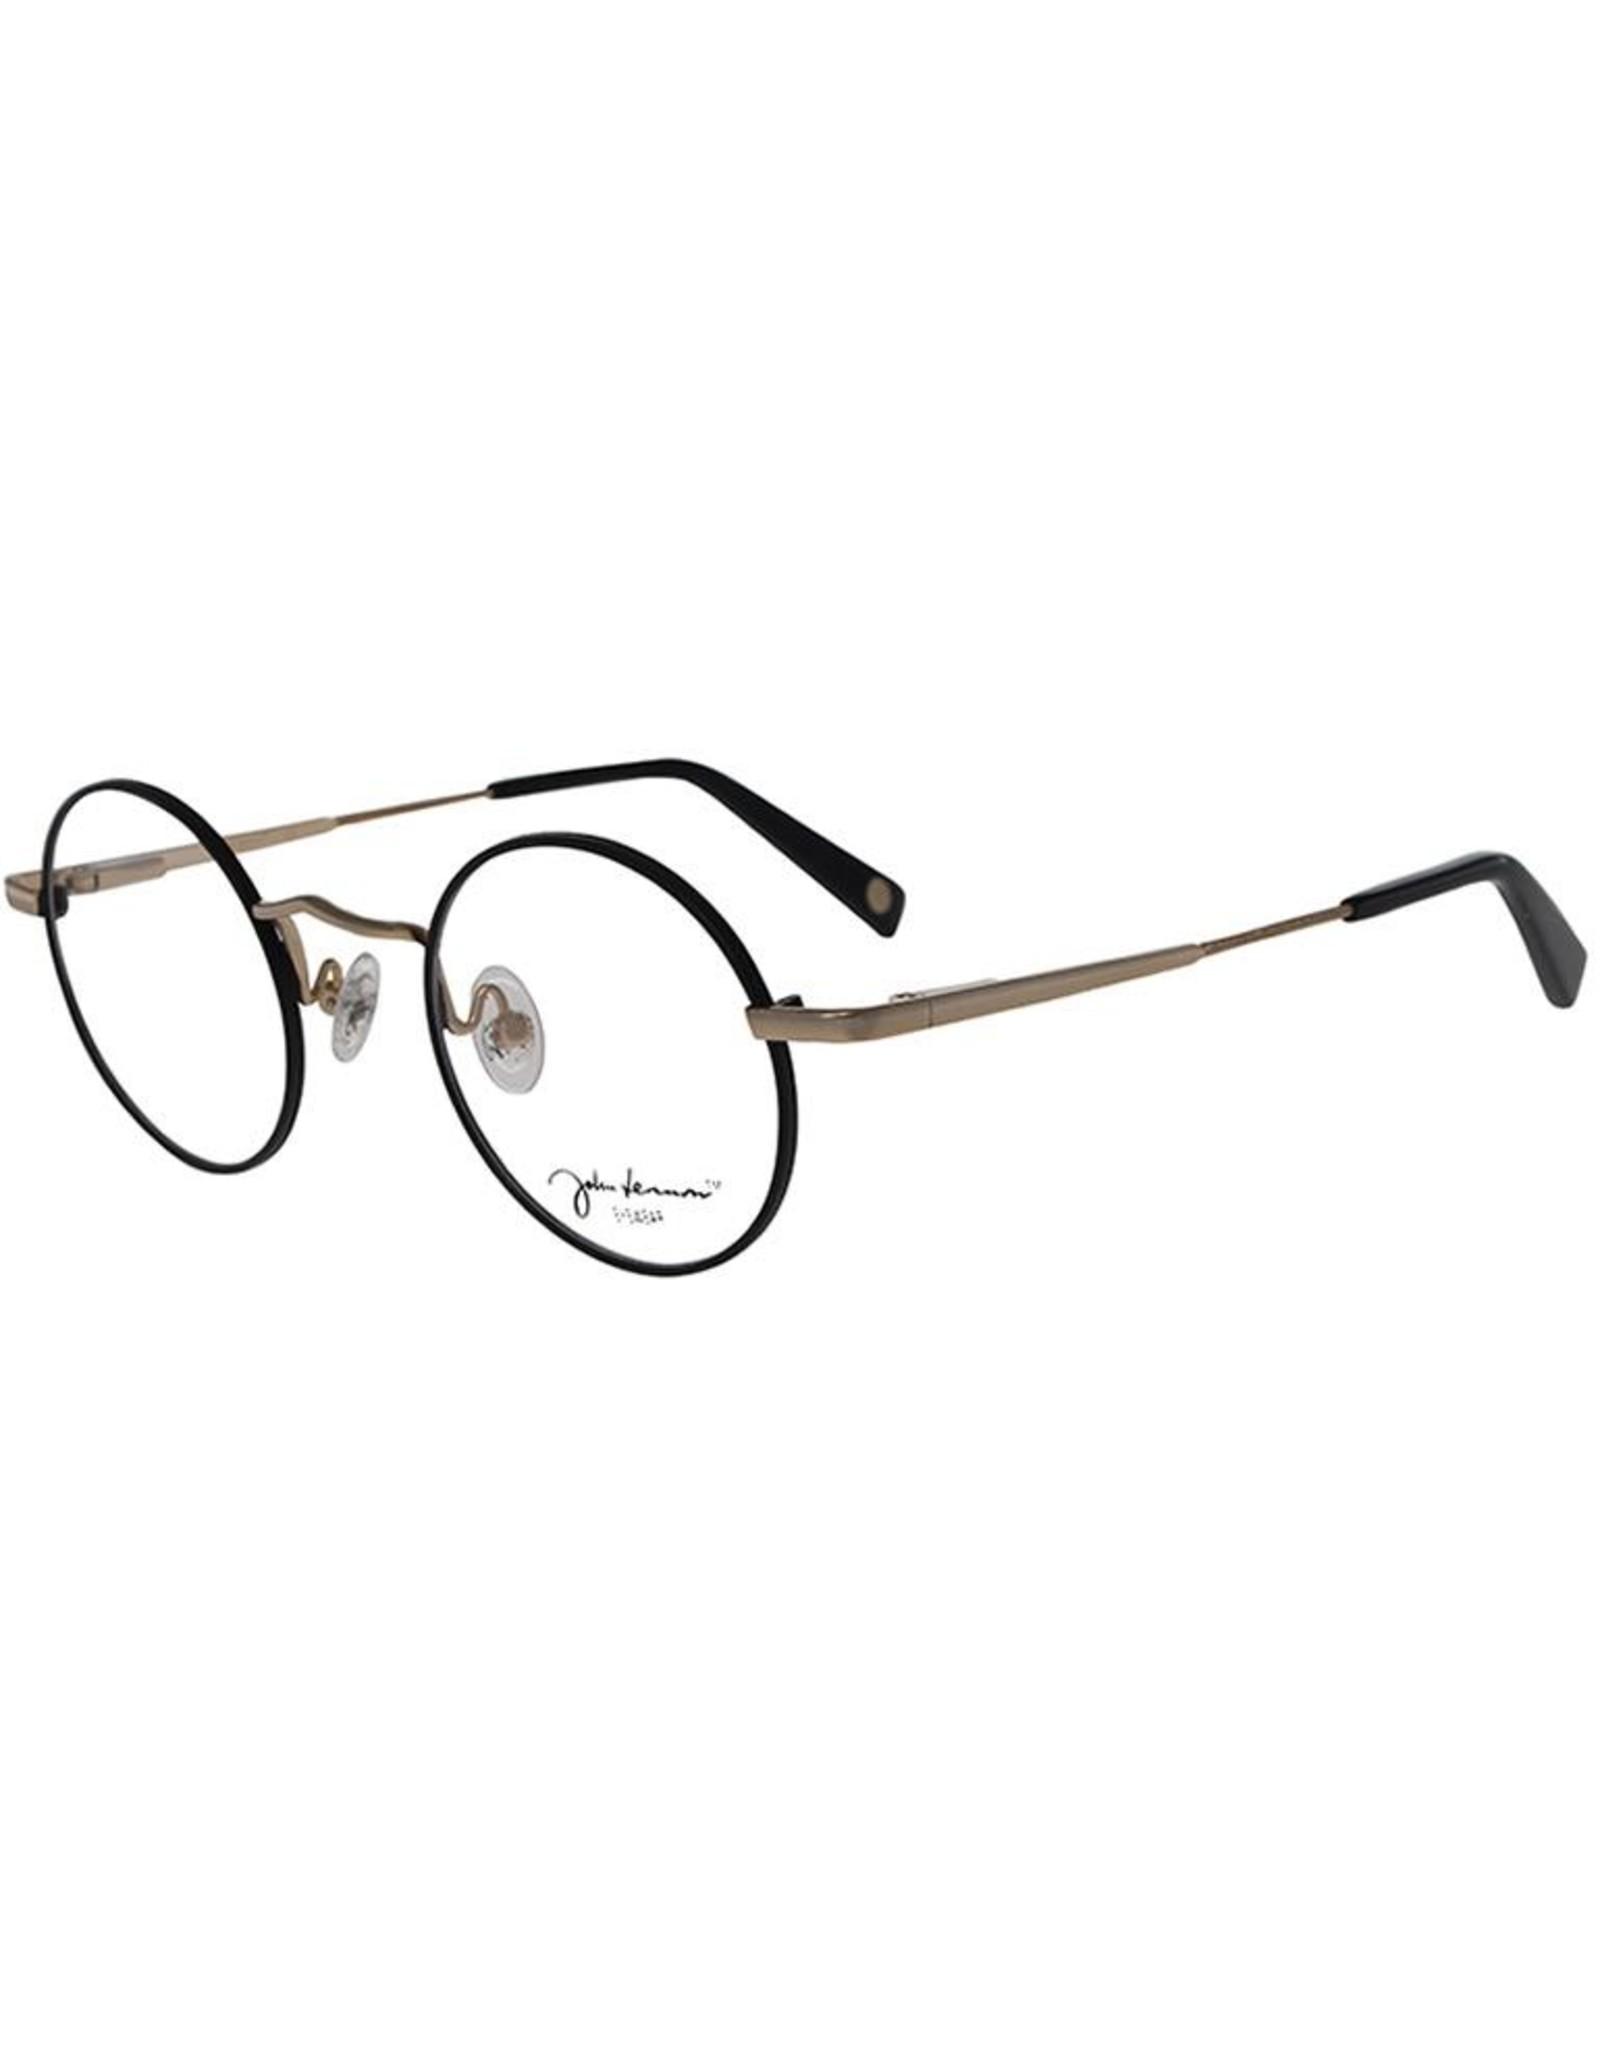 john lennon eyewear Jo167 En